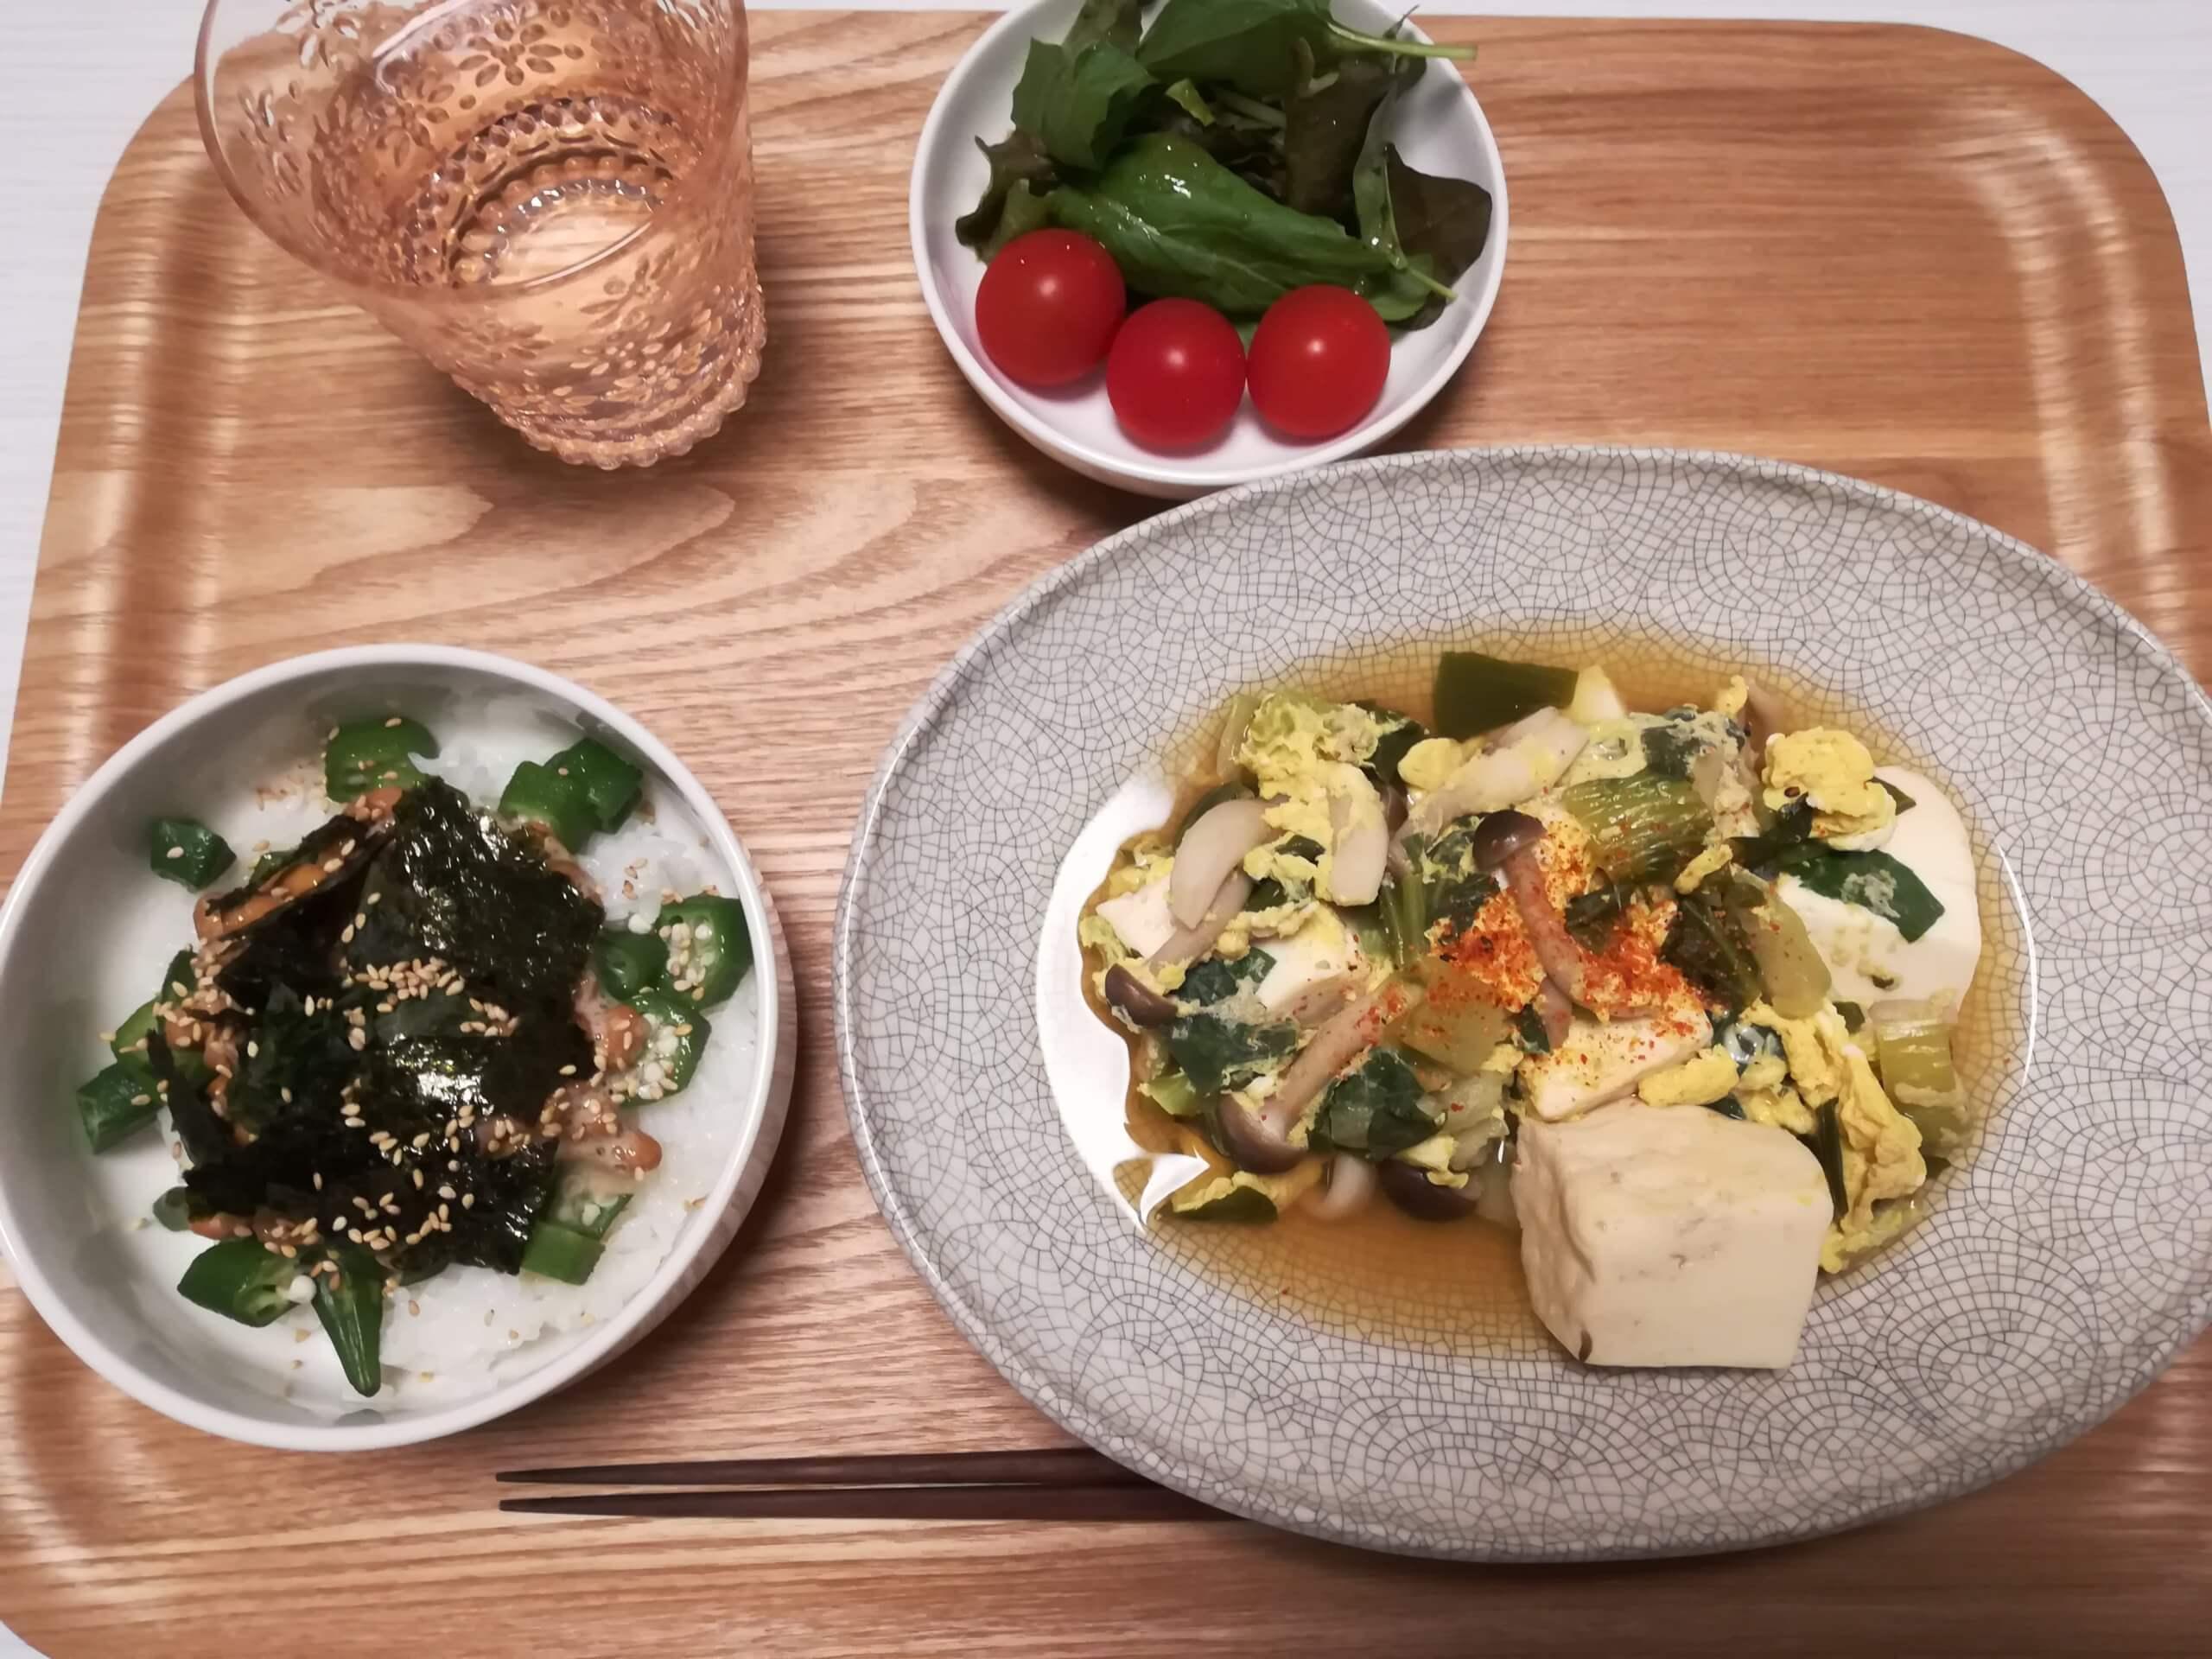 ねばねば丼、豆腐の煮物、プチトマト